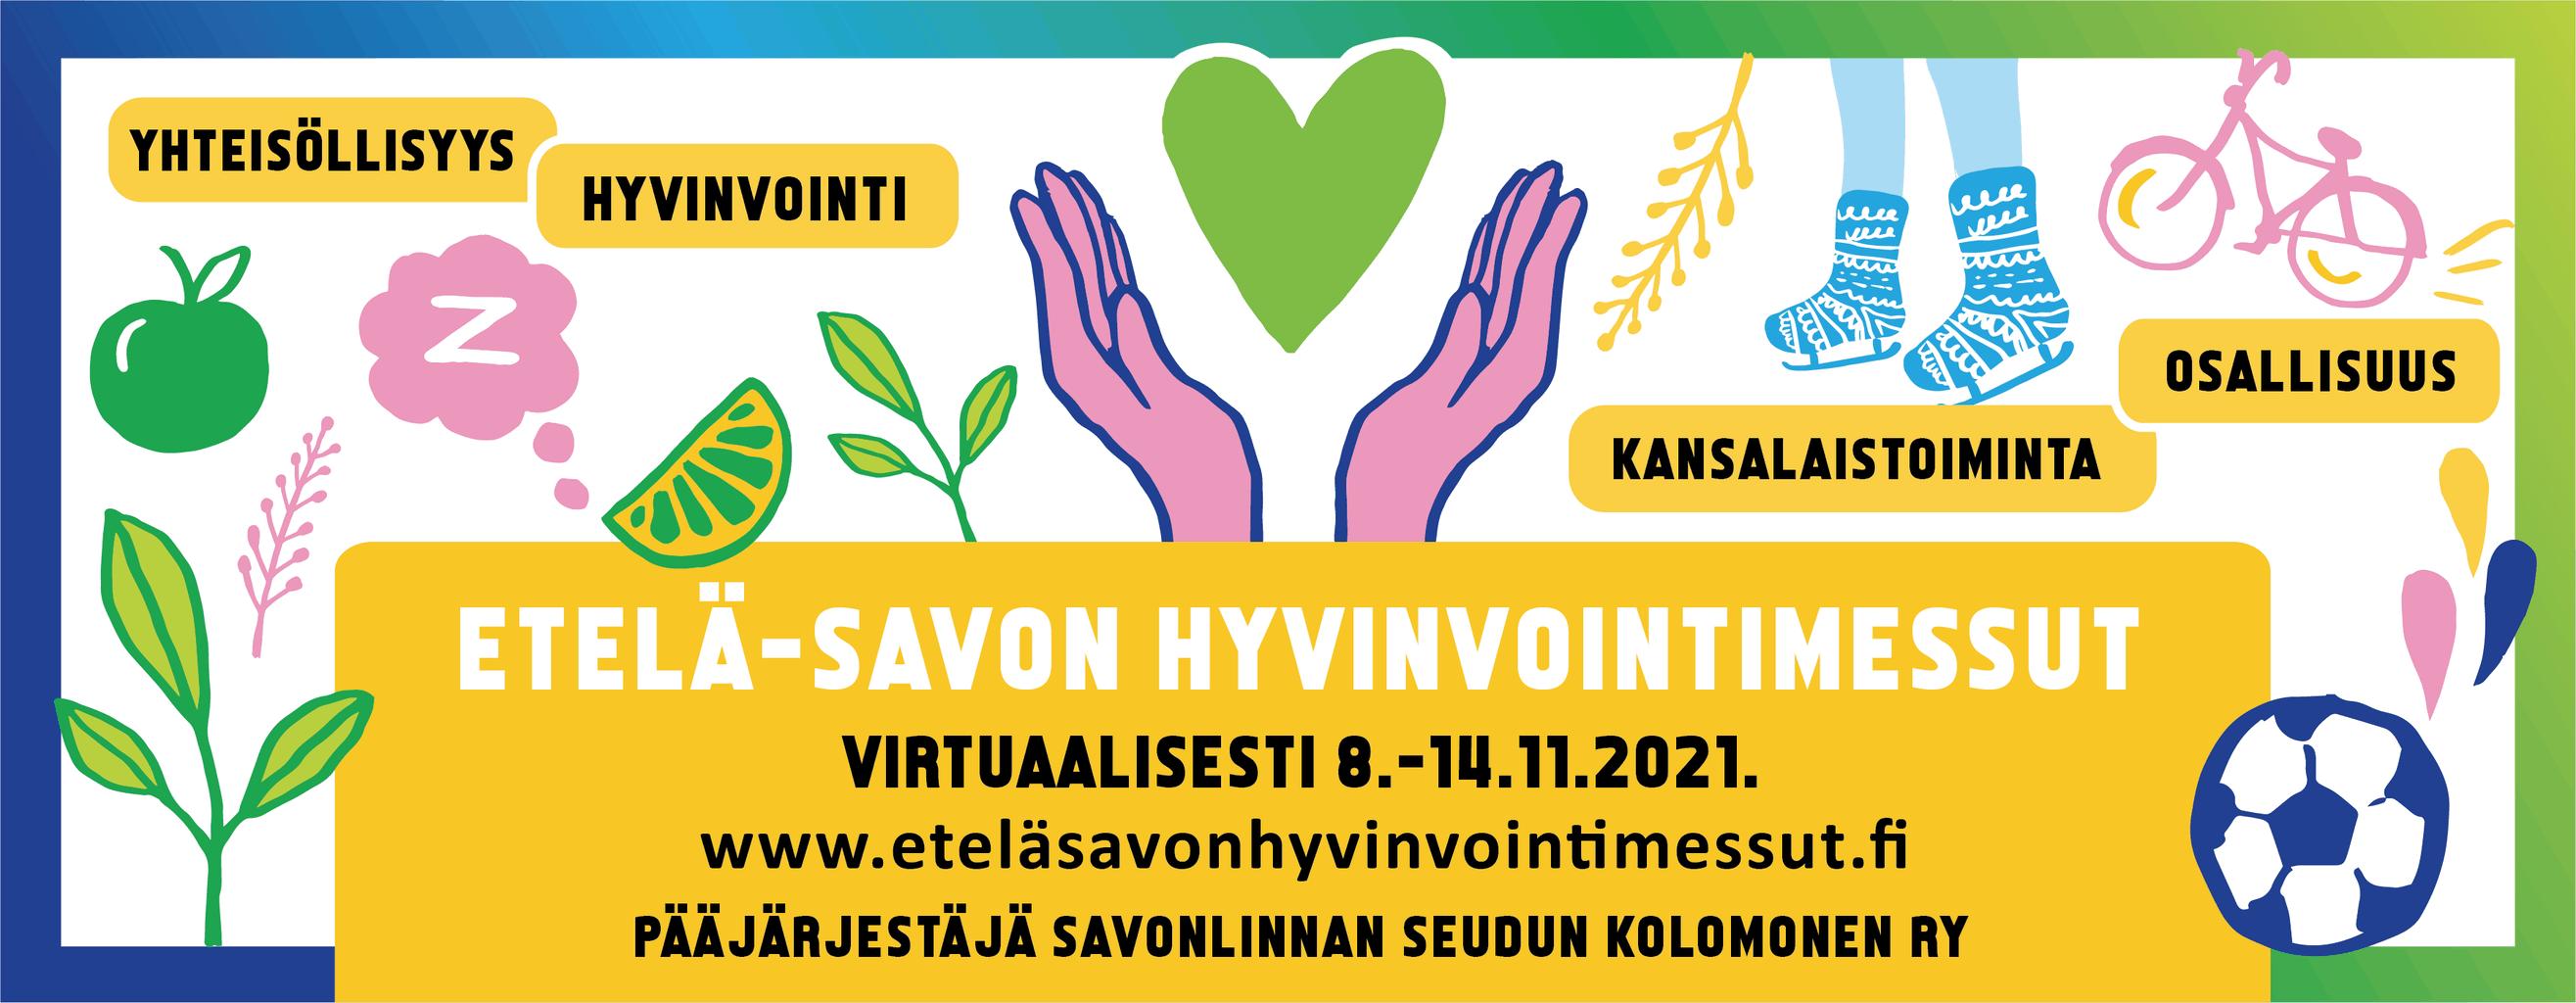 etelä-savon hyvinvointimessut banner_vari 2021_päivitetty vol2-01 (002)